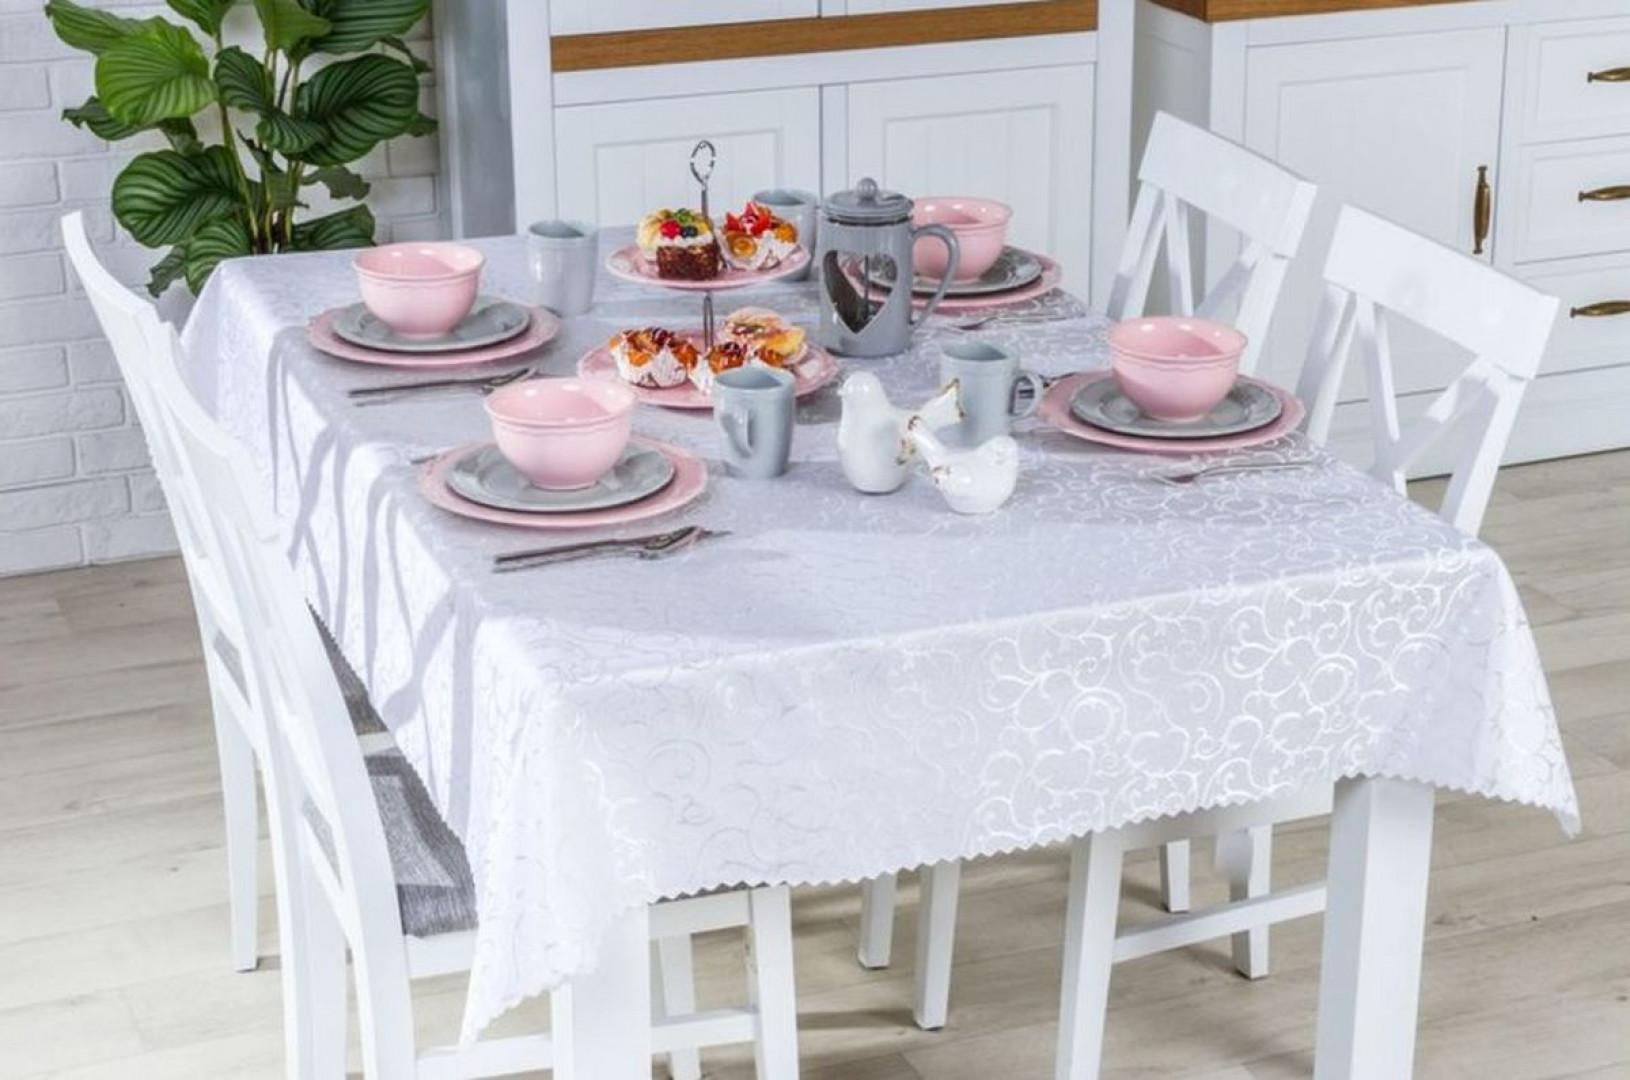 Aranżacja stołu wielkanocnego w duchu klasycznej elegancji. Fot. Salony Agata